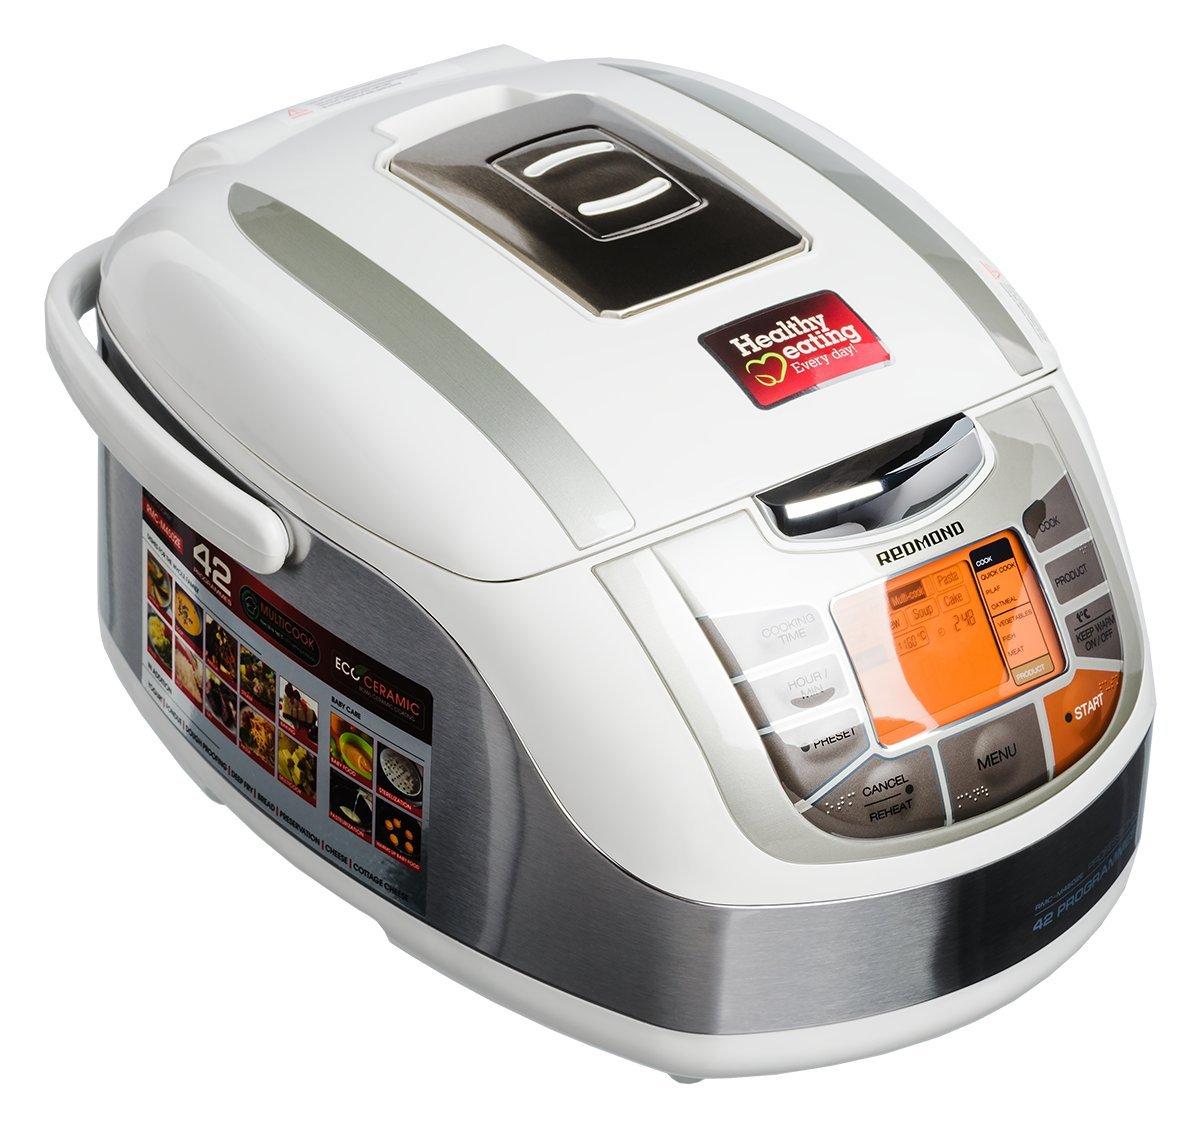 Redmond RMC-M4502E Multicooker/Pentola Cuociriso, 42 funzioni programmabili con Pannello LED, pentola in Acciaio inossidabile da 5l, Ecoceramic, Potenza 1000w, Bianco [Classe di efficienza energetica A] 5055323607820